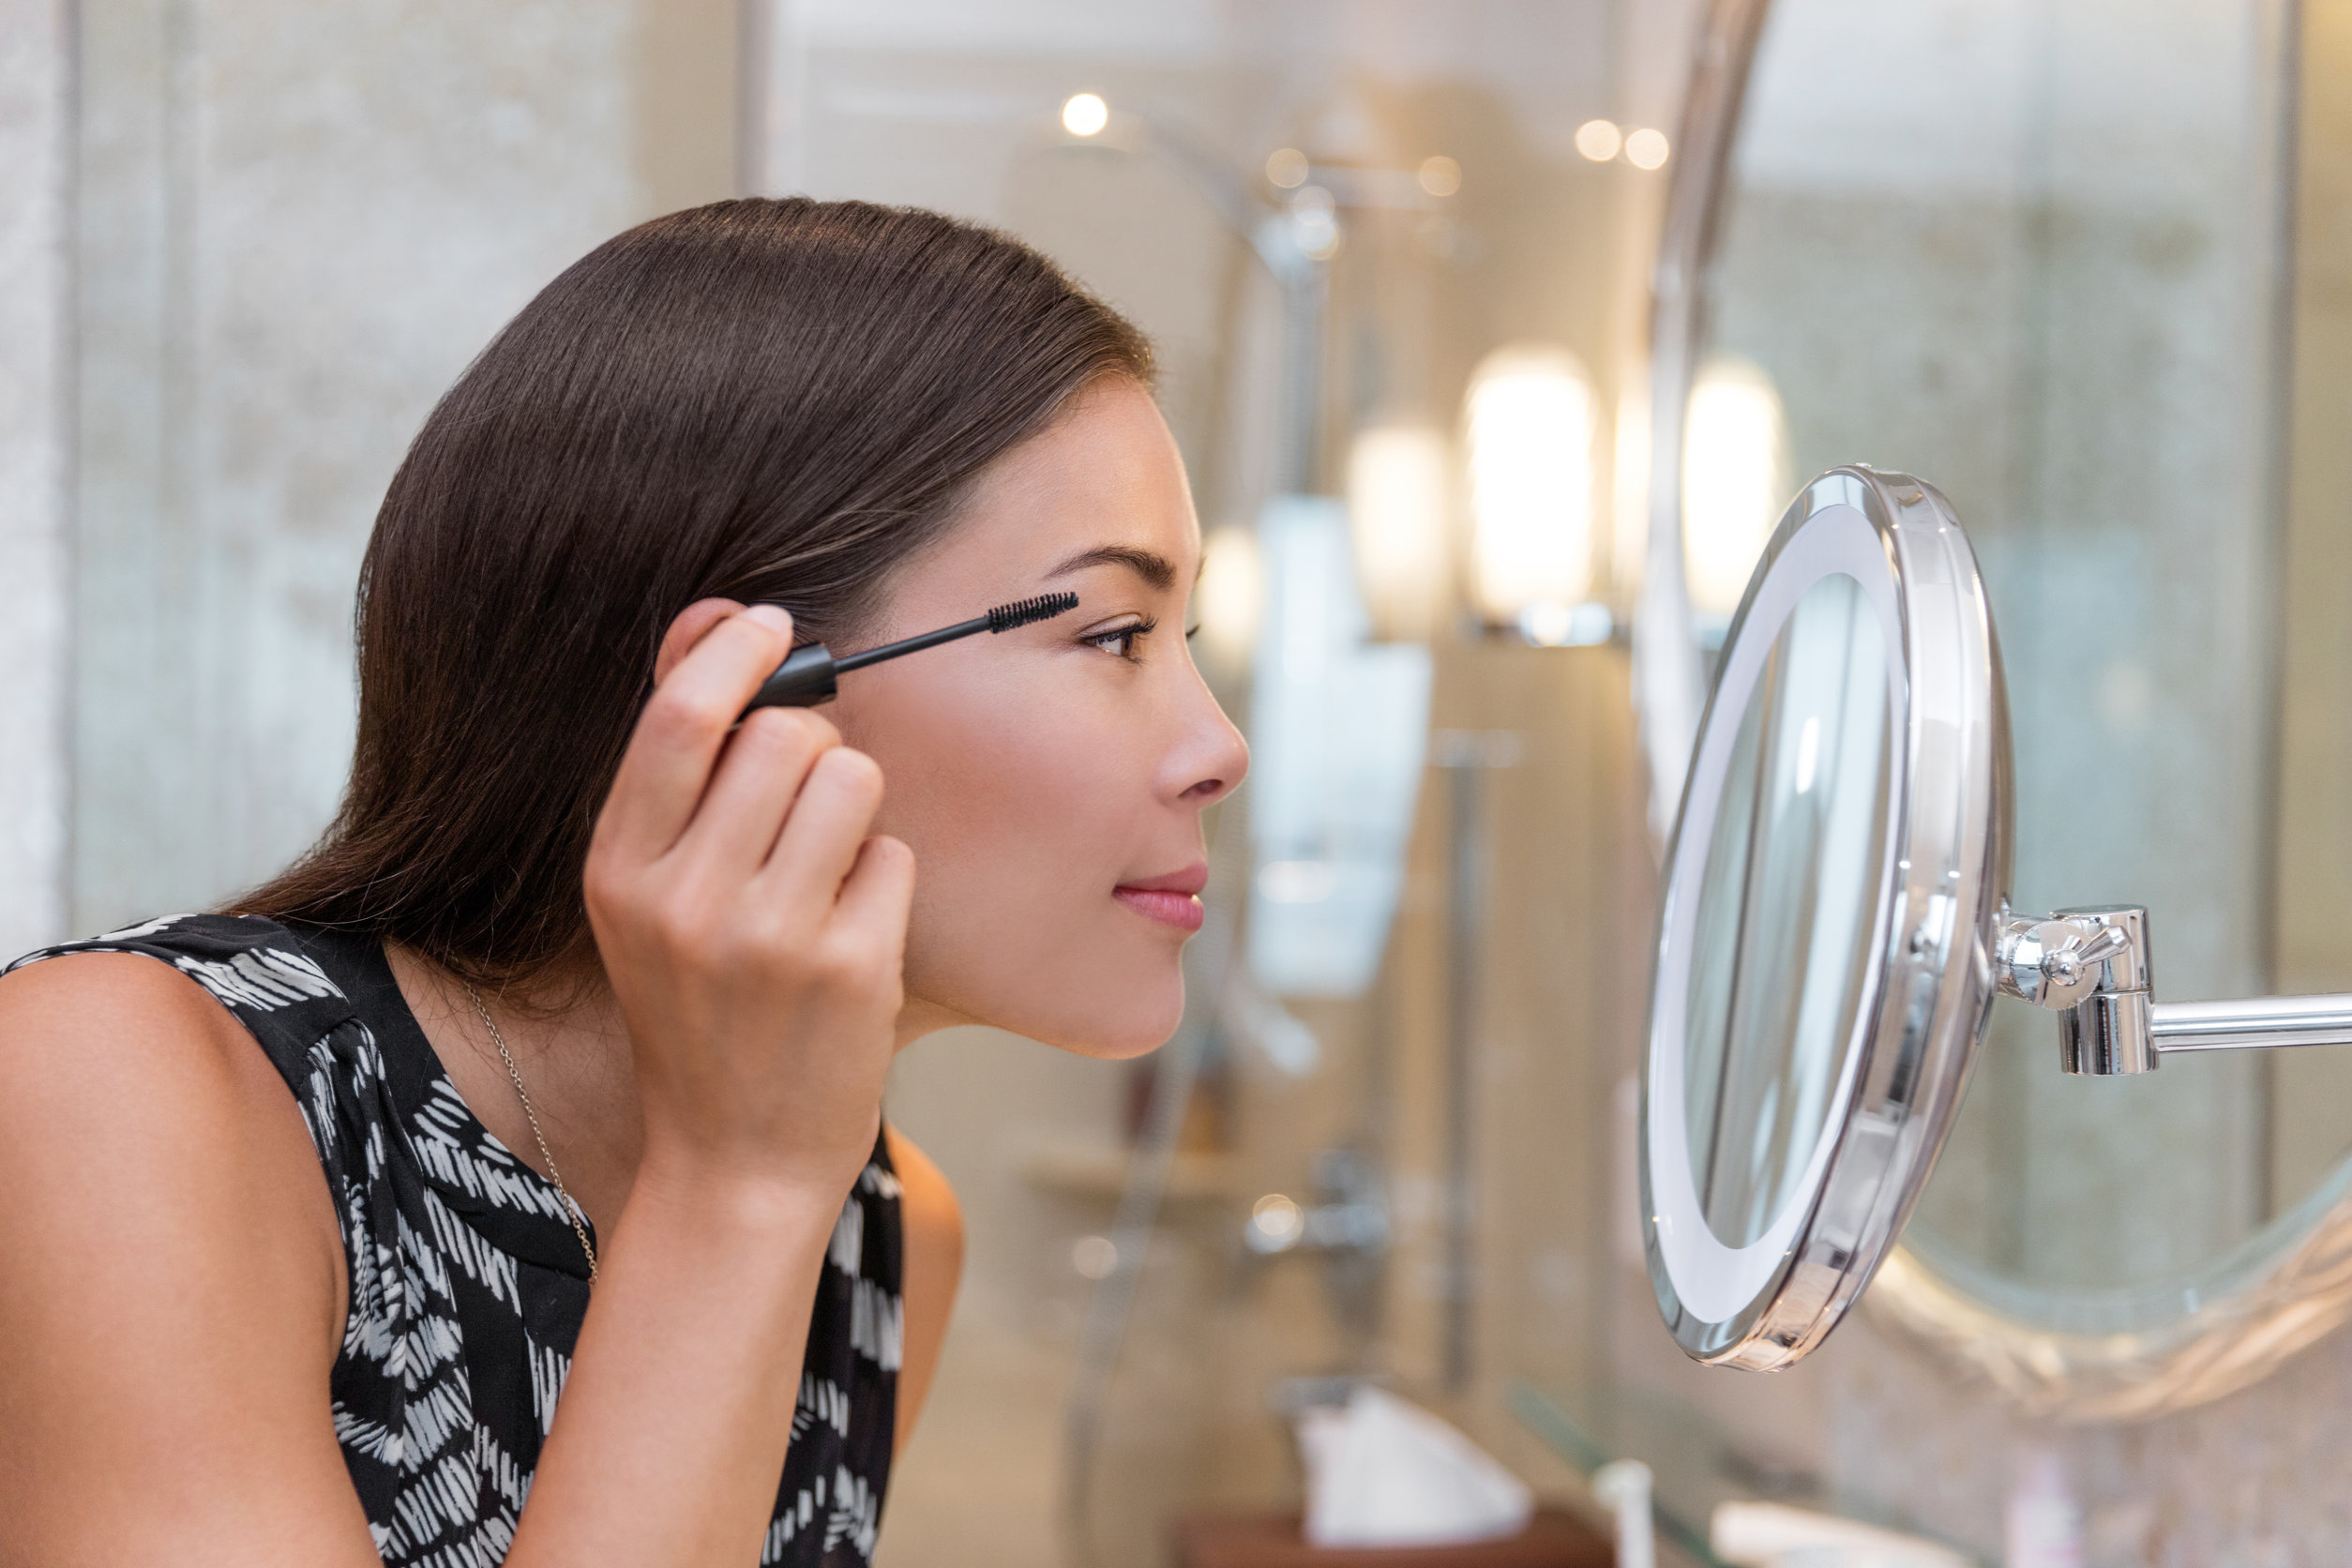 Mujer preparándose para el trabajo haciendo rutina de maquillaje matutino poniendo rímel en el espejo del baño en casa